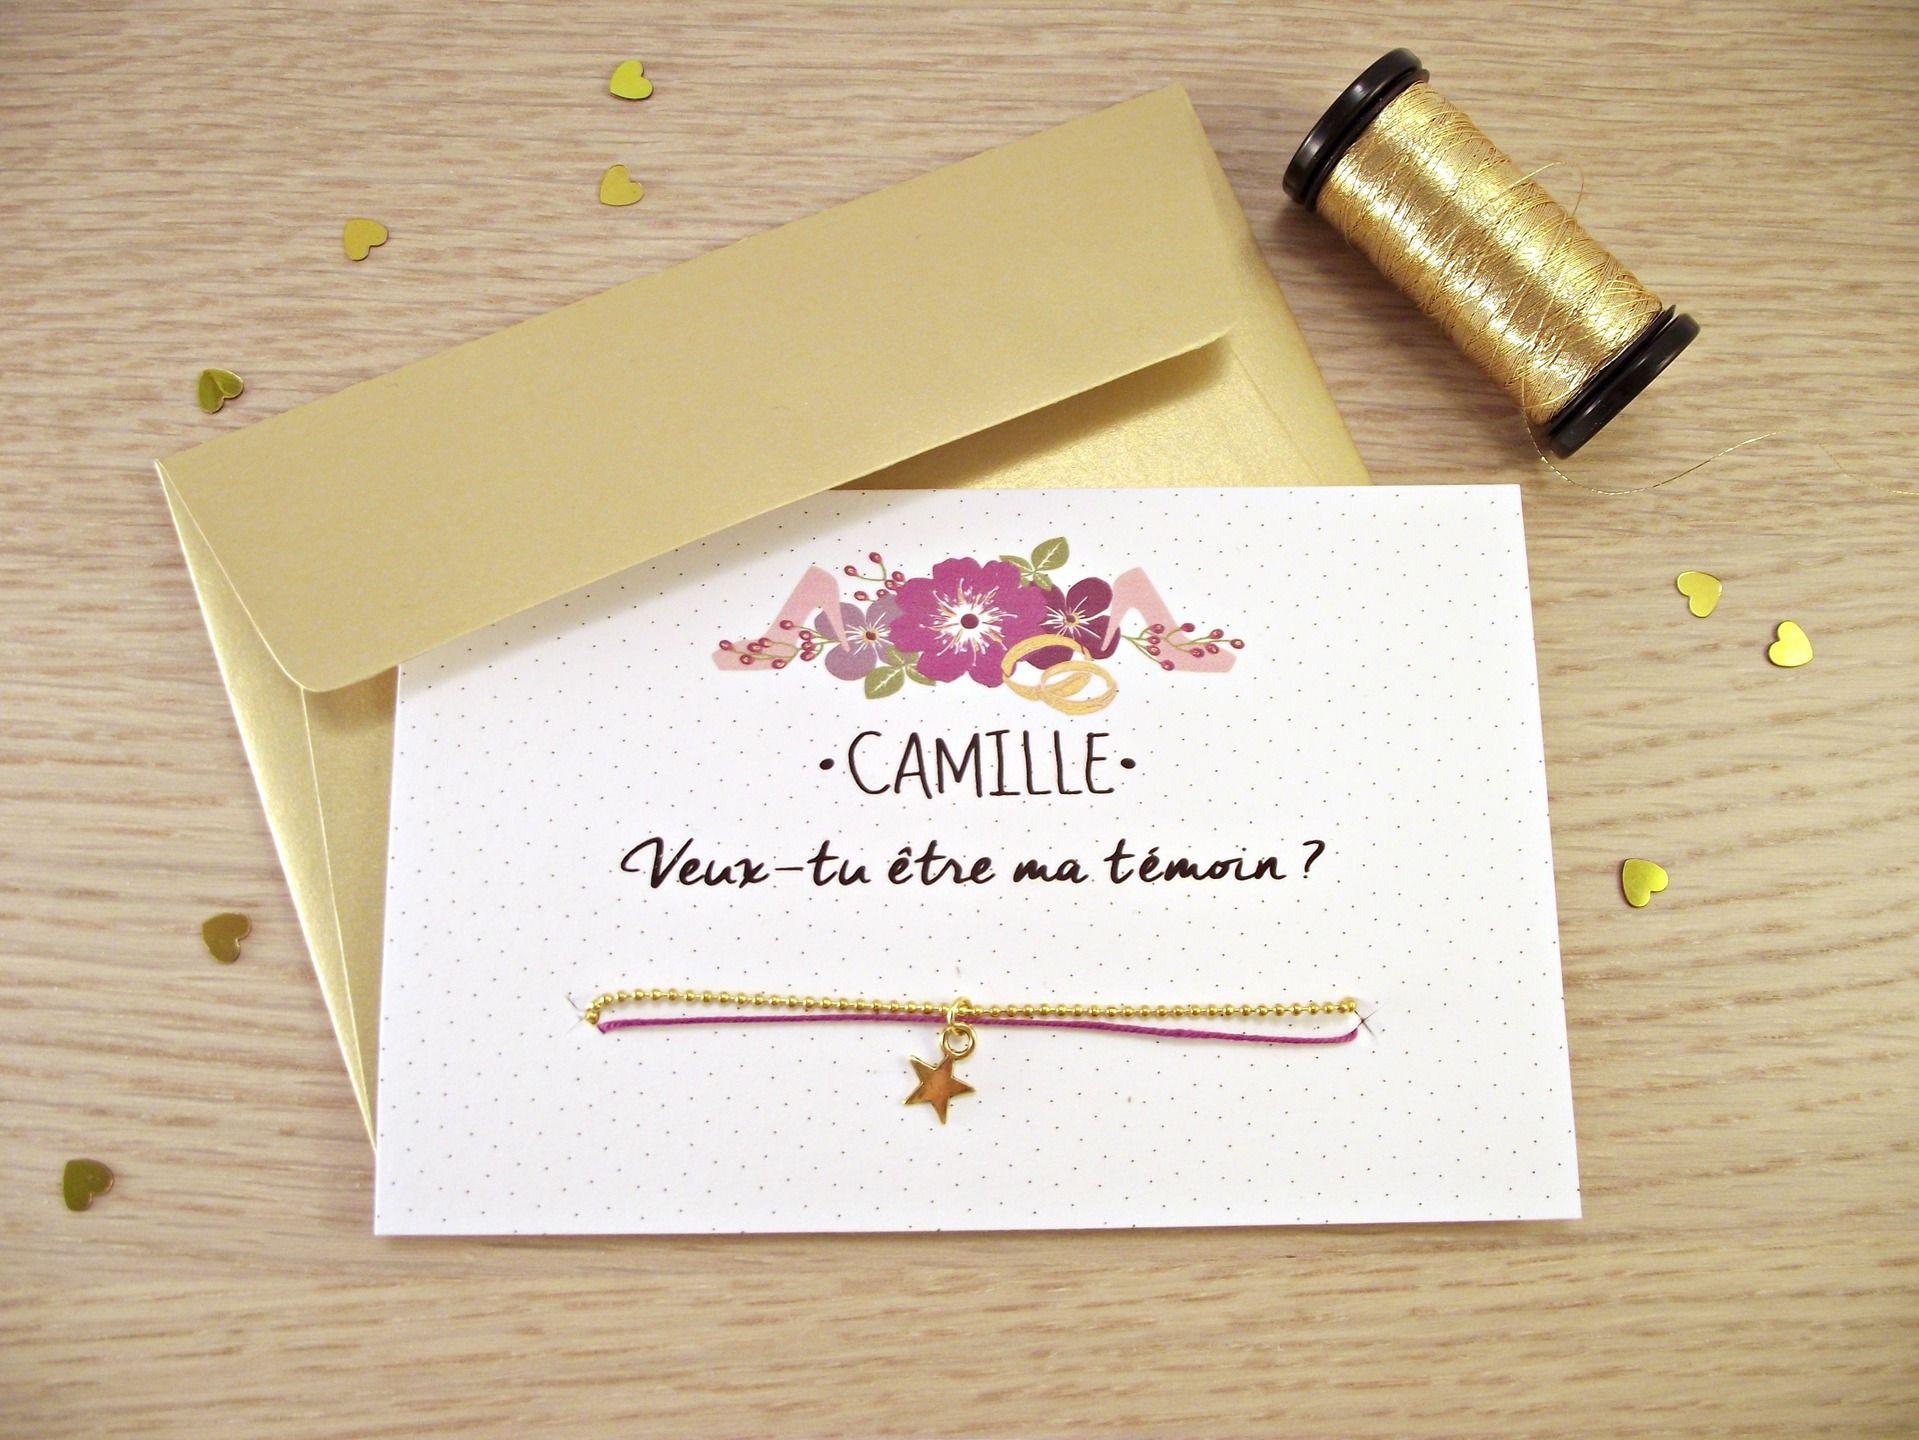 Annonce Témoin Mariage dedans carte / bracelet demande témoin / « veux-tu être ma témoin